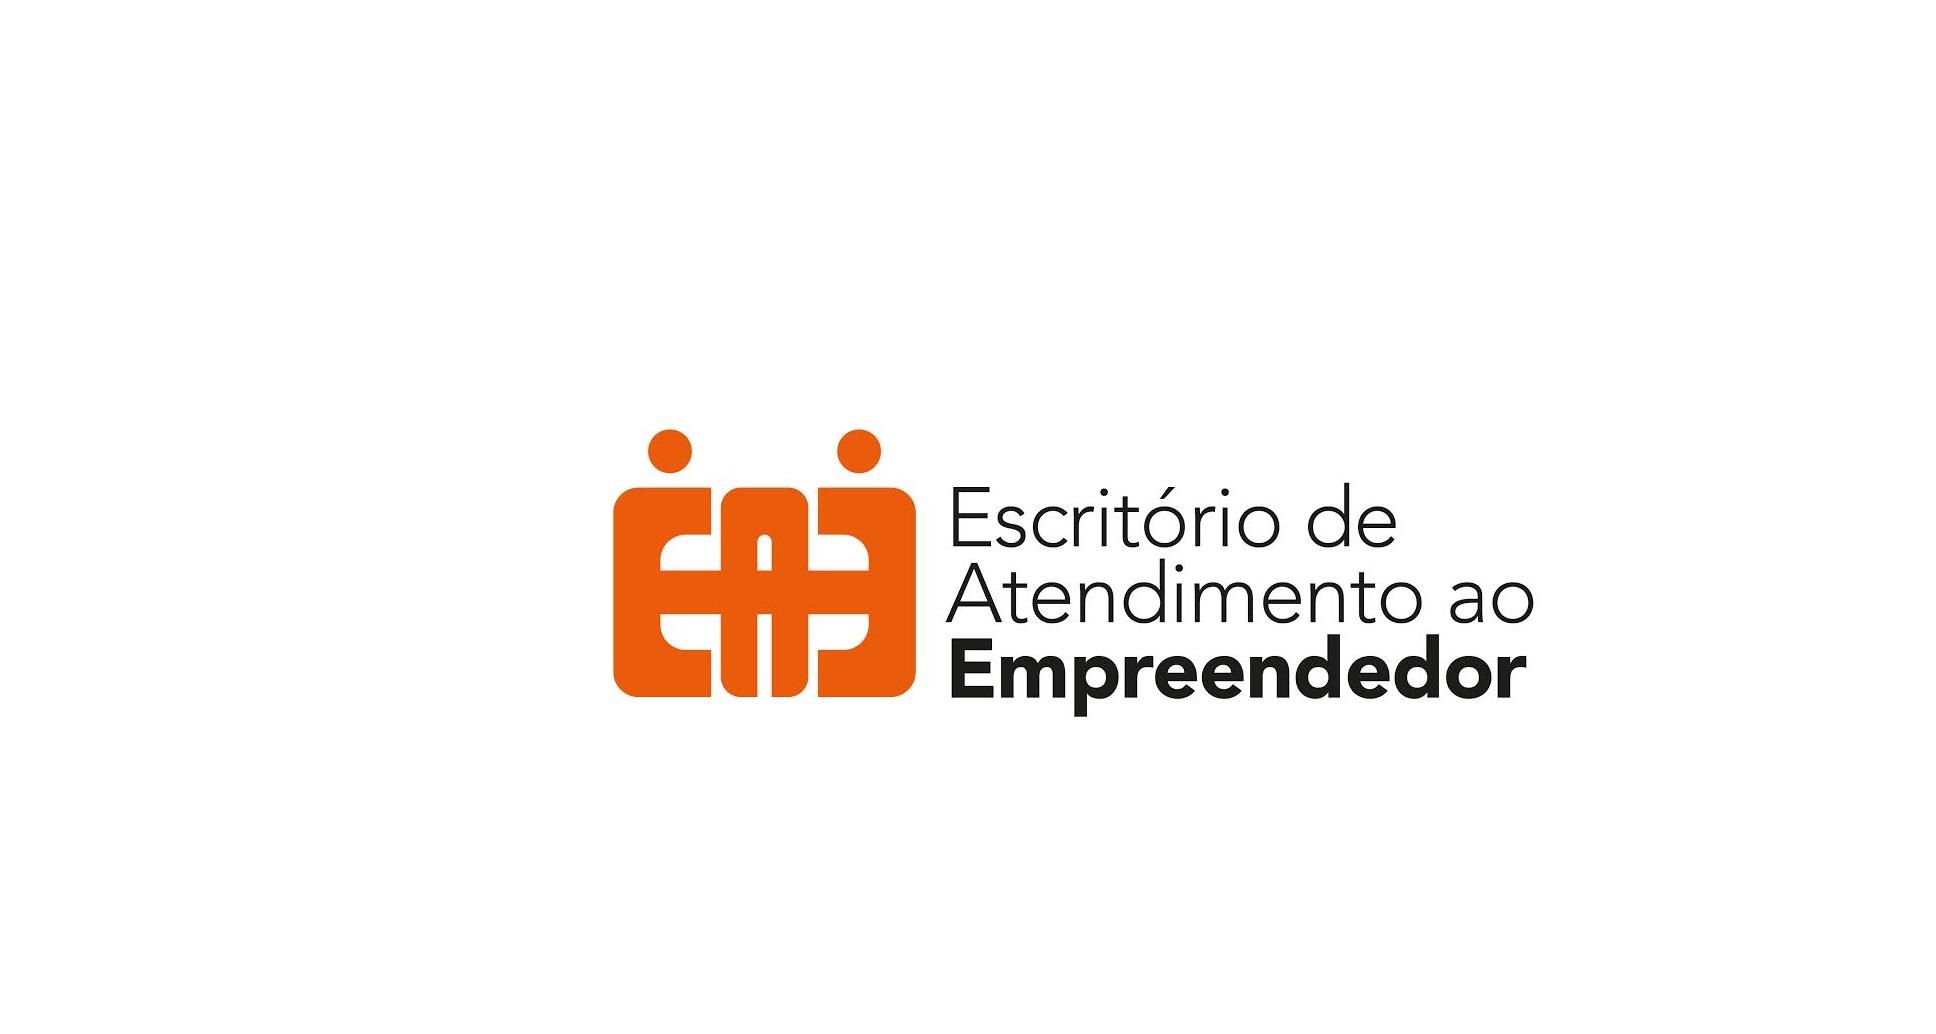 20190225__Logo__Escritorio de Atendimento ao Empreendedor__FACEBOOK